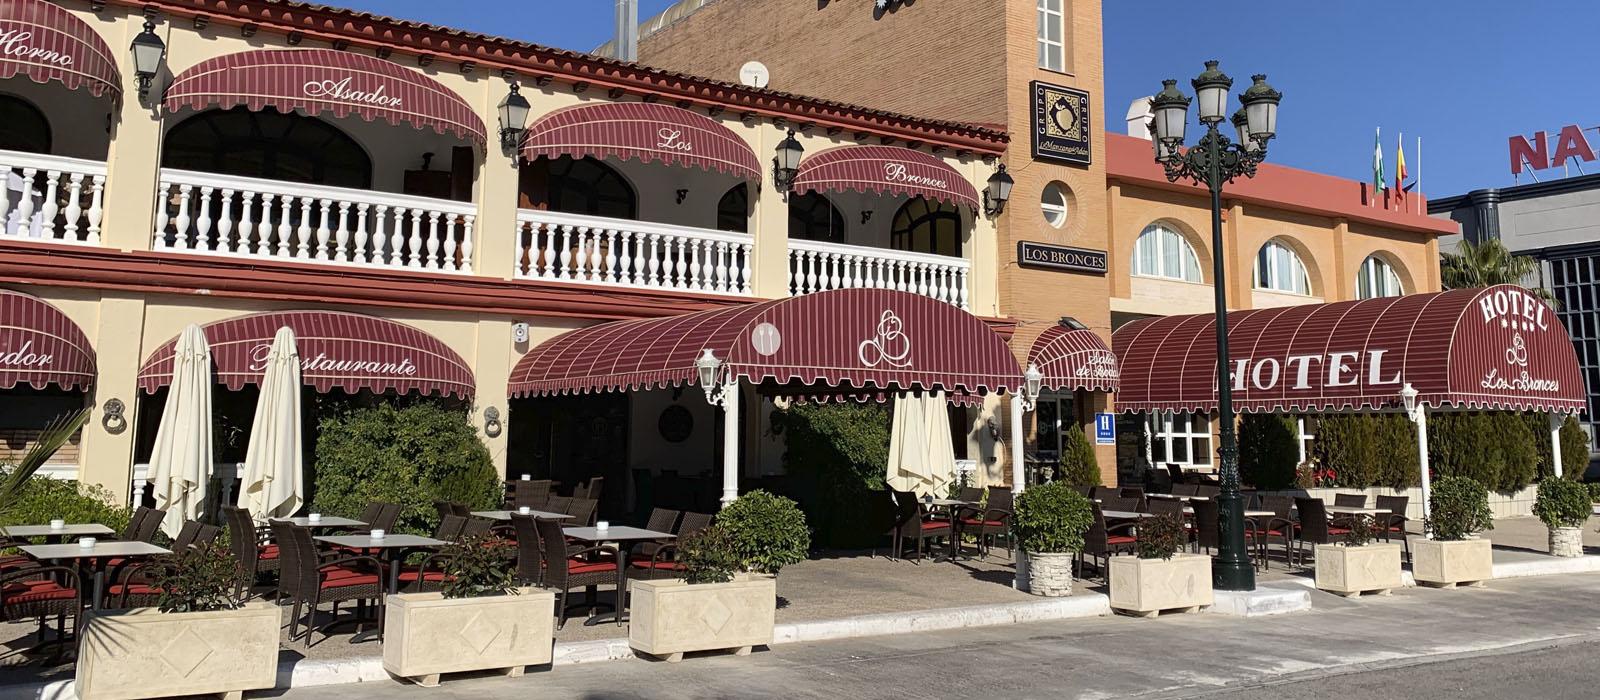 hotel los bronces en Lucena Córdoba